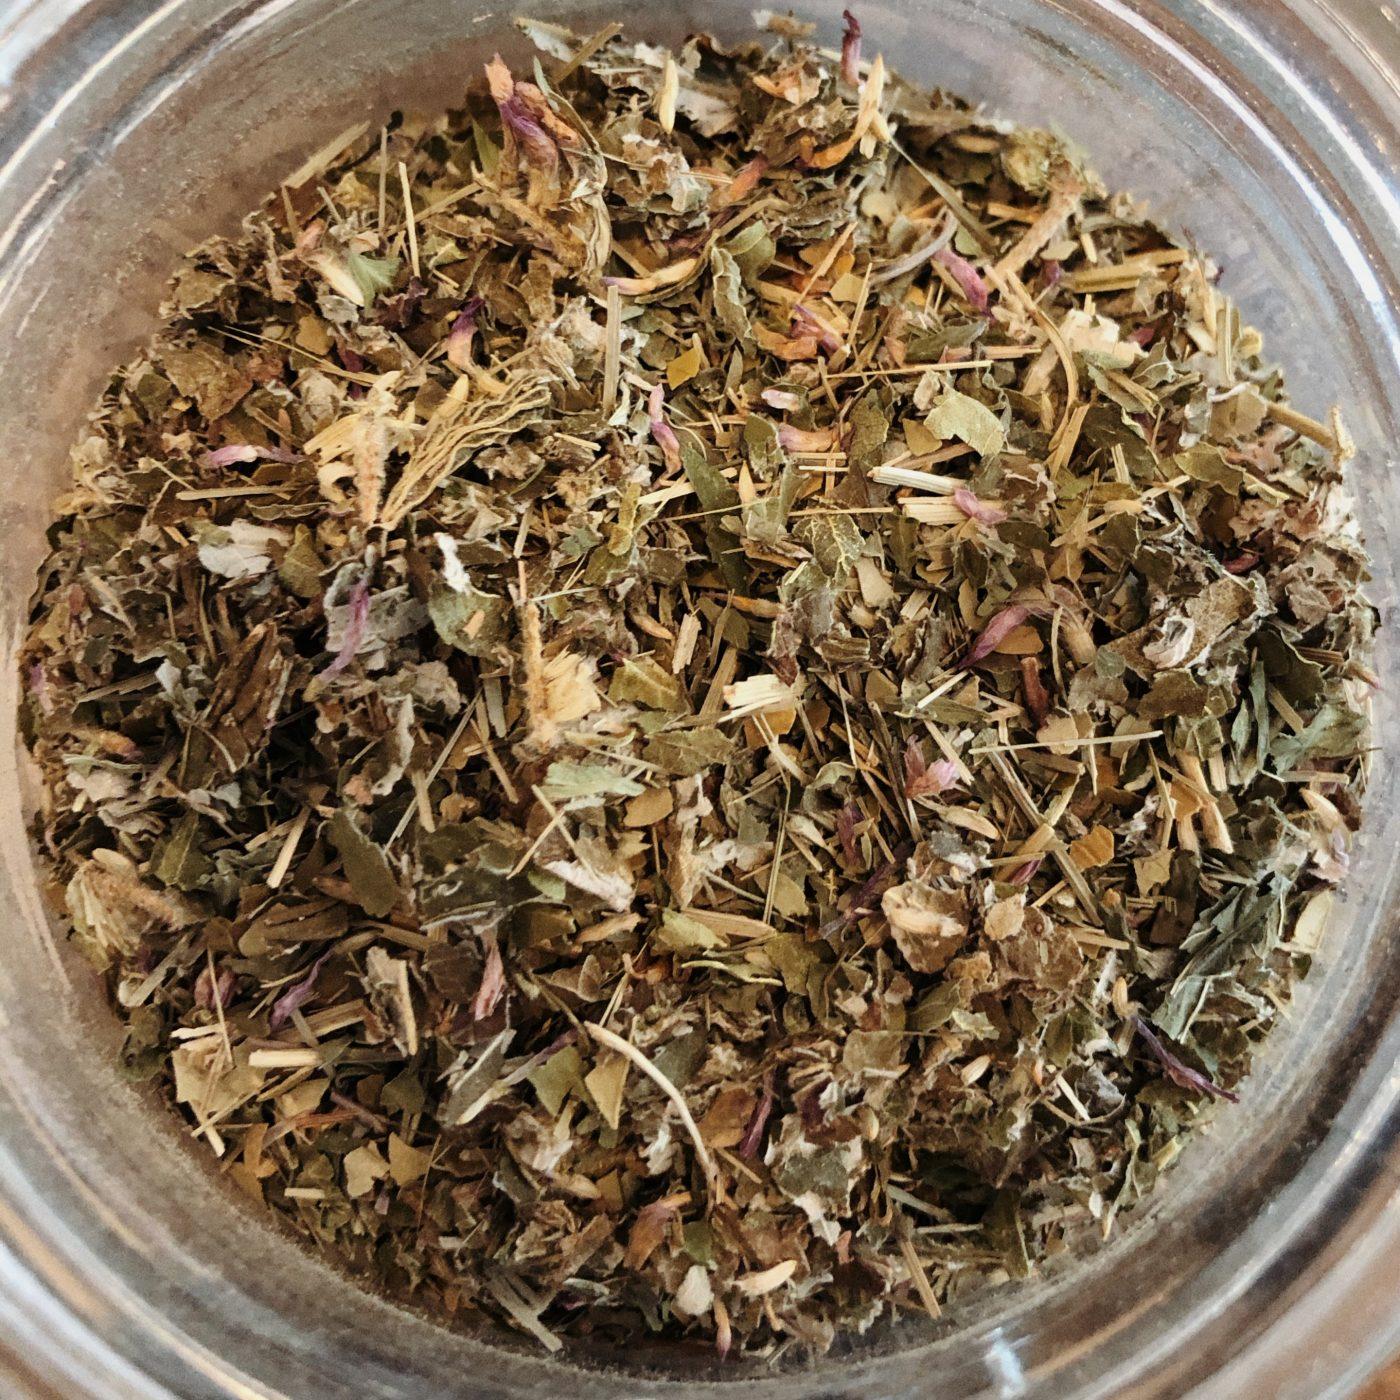 wild mint mate tea blend